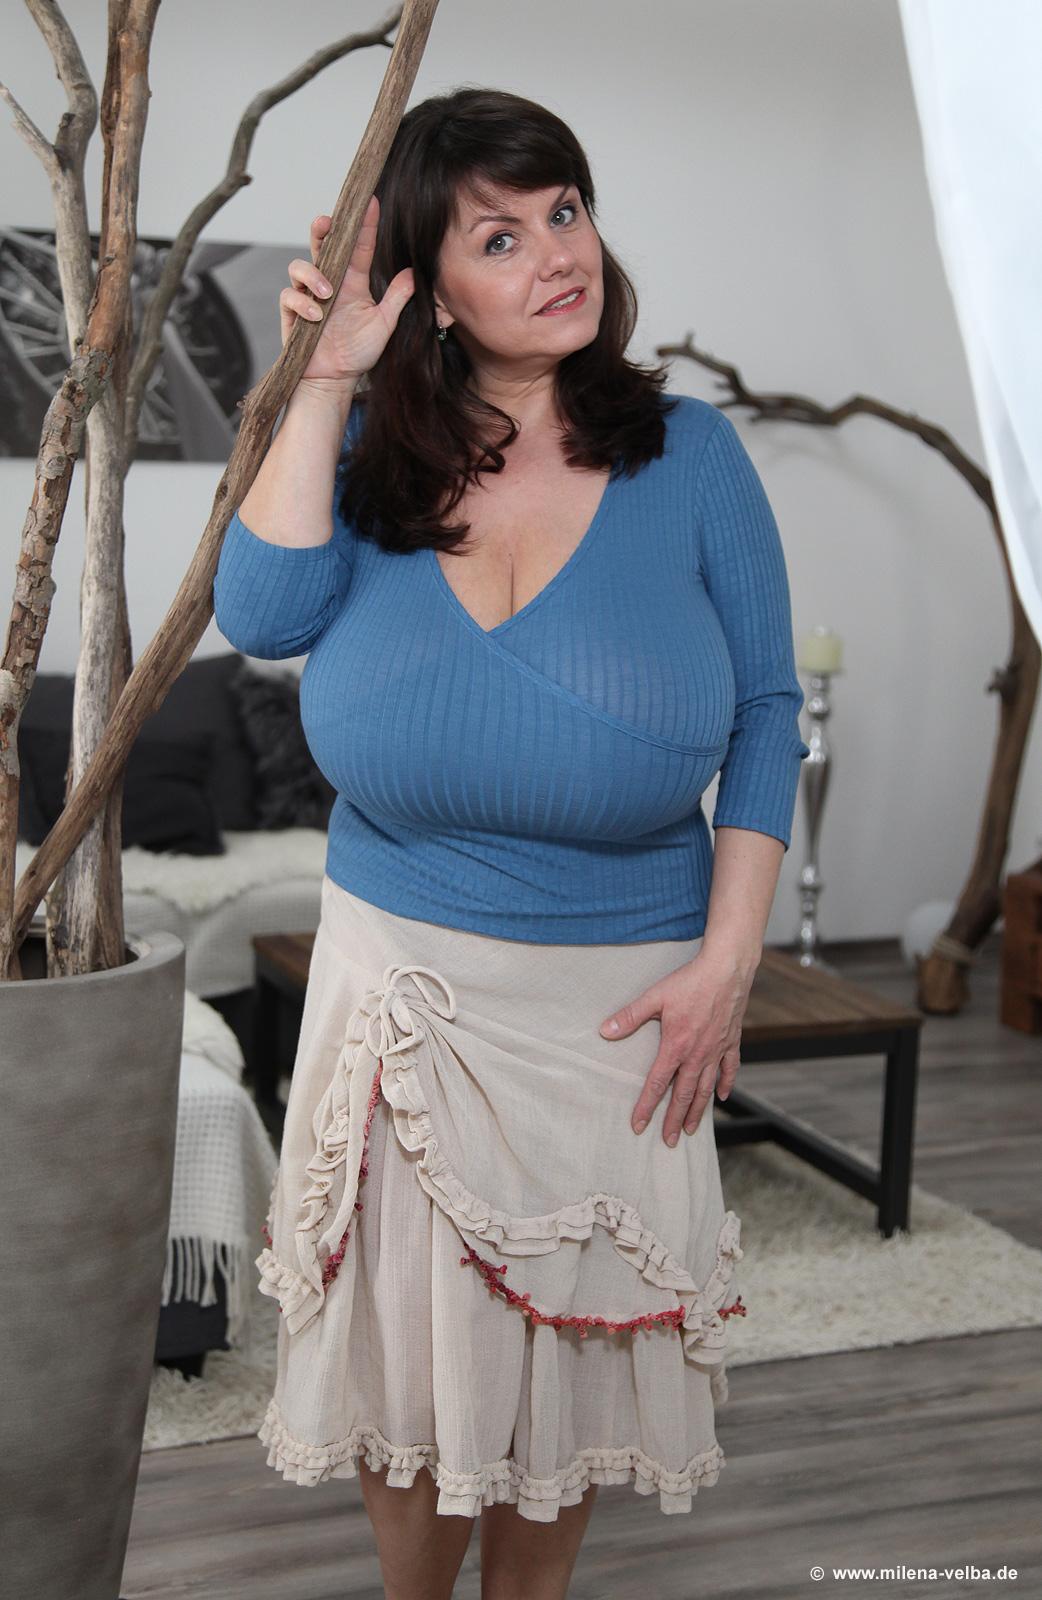 Udderly Amazing: Milena Velba - Blue Monday